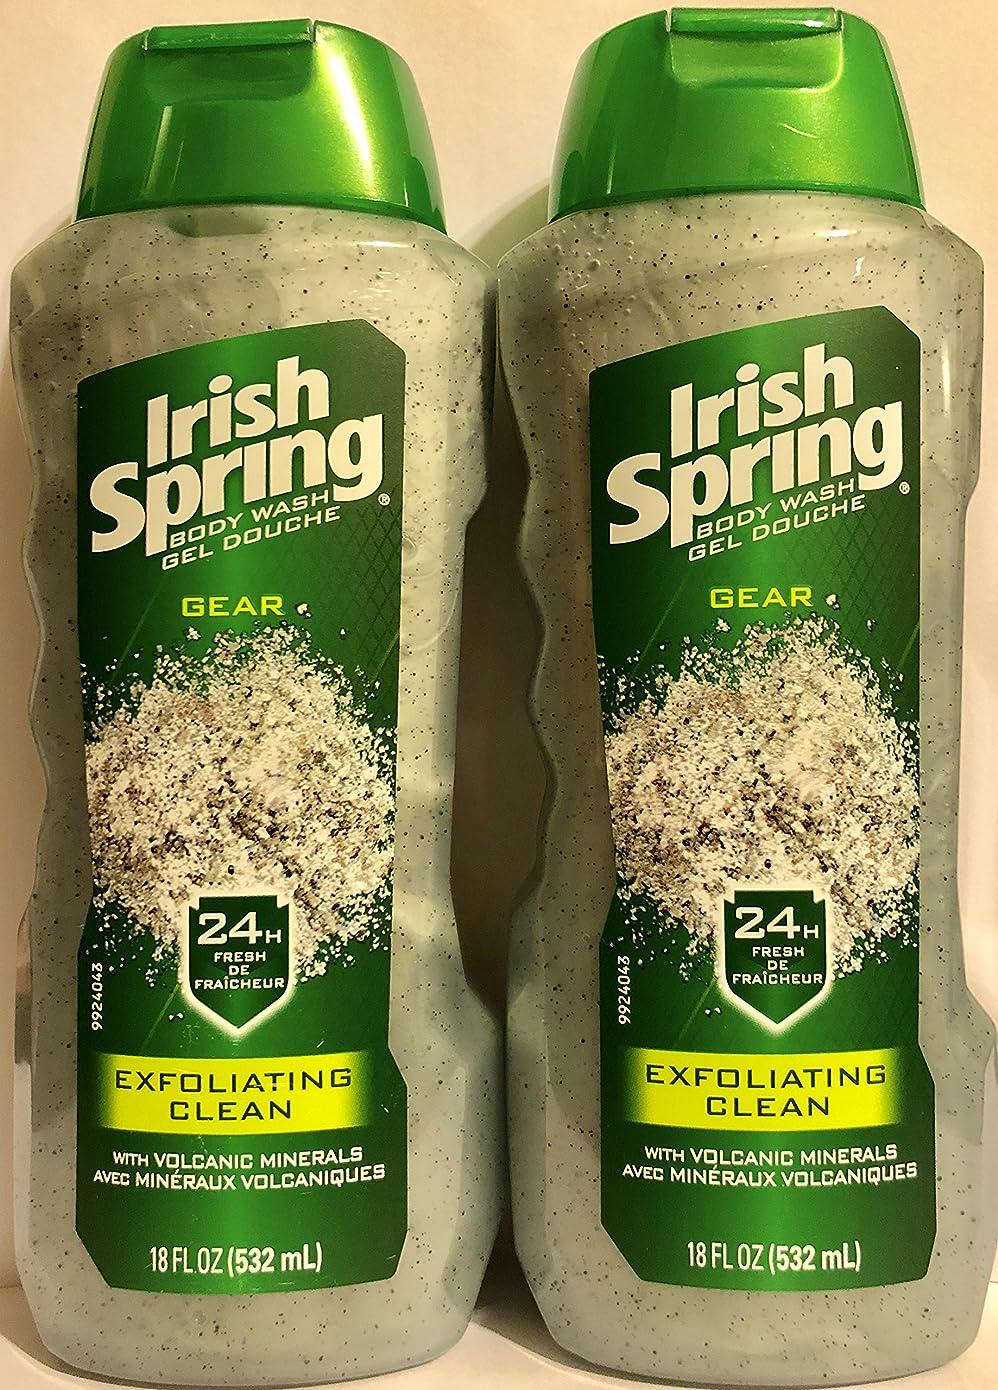 ロータリーひいきにする達成可能Irish Spring ギアボディウォッシュ - エクスフォリエイティングクリーン - 火山ミネラルを - ネット重量。ボトルパー18液量オンス(532 ml)を - 2本のボトルのパック